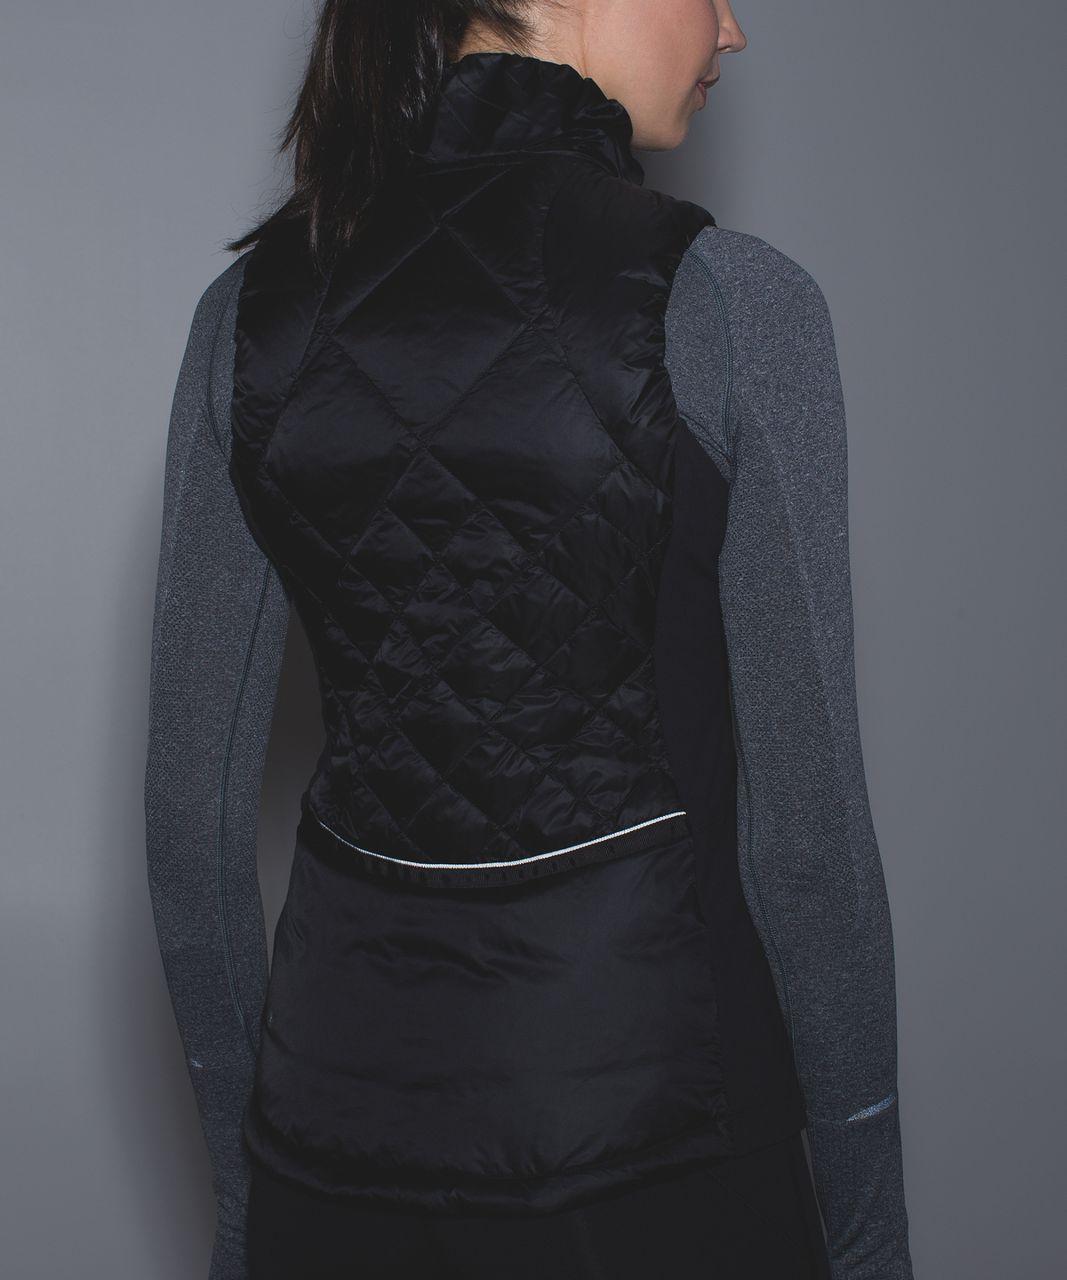 Lululemon Down For A Run Vest - Black